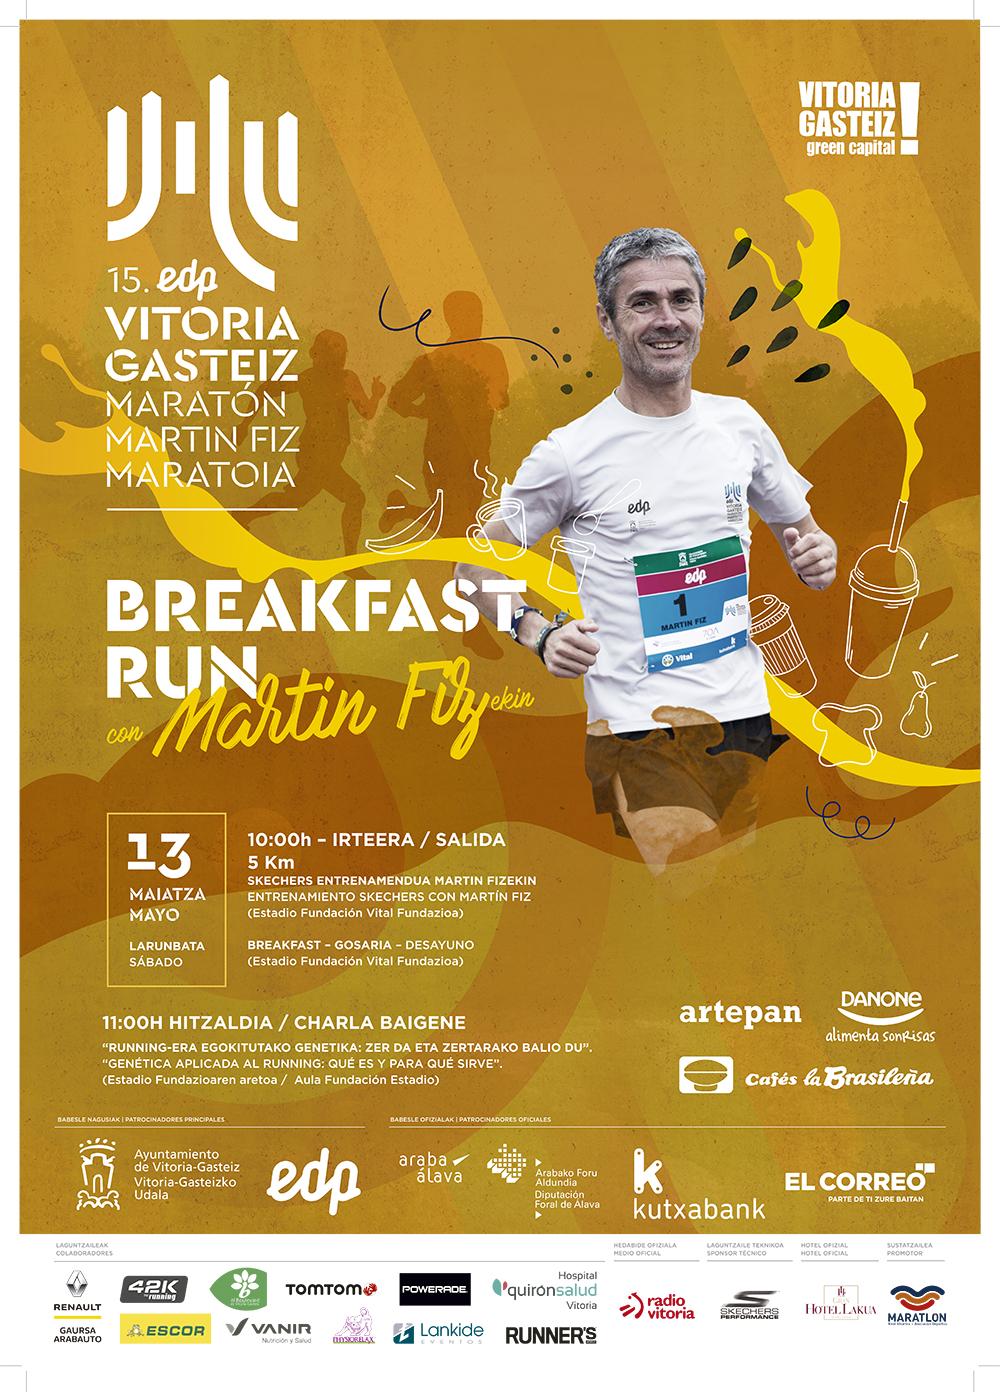 AF EDPVGMMF Breakfast Run Cartel OK_MAIATZA